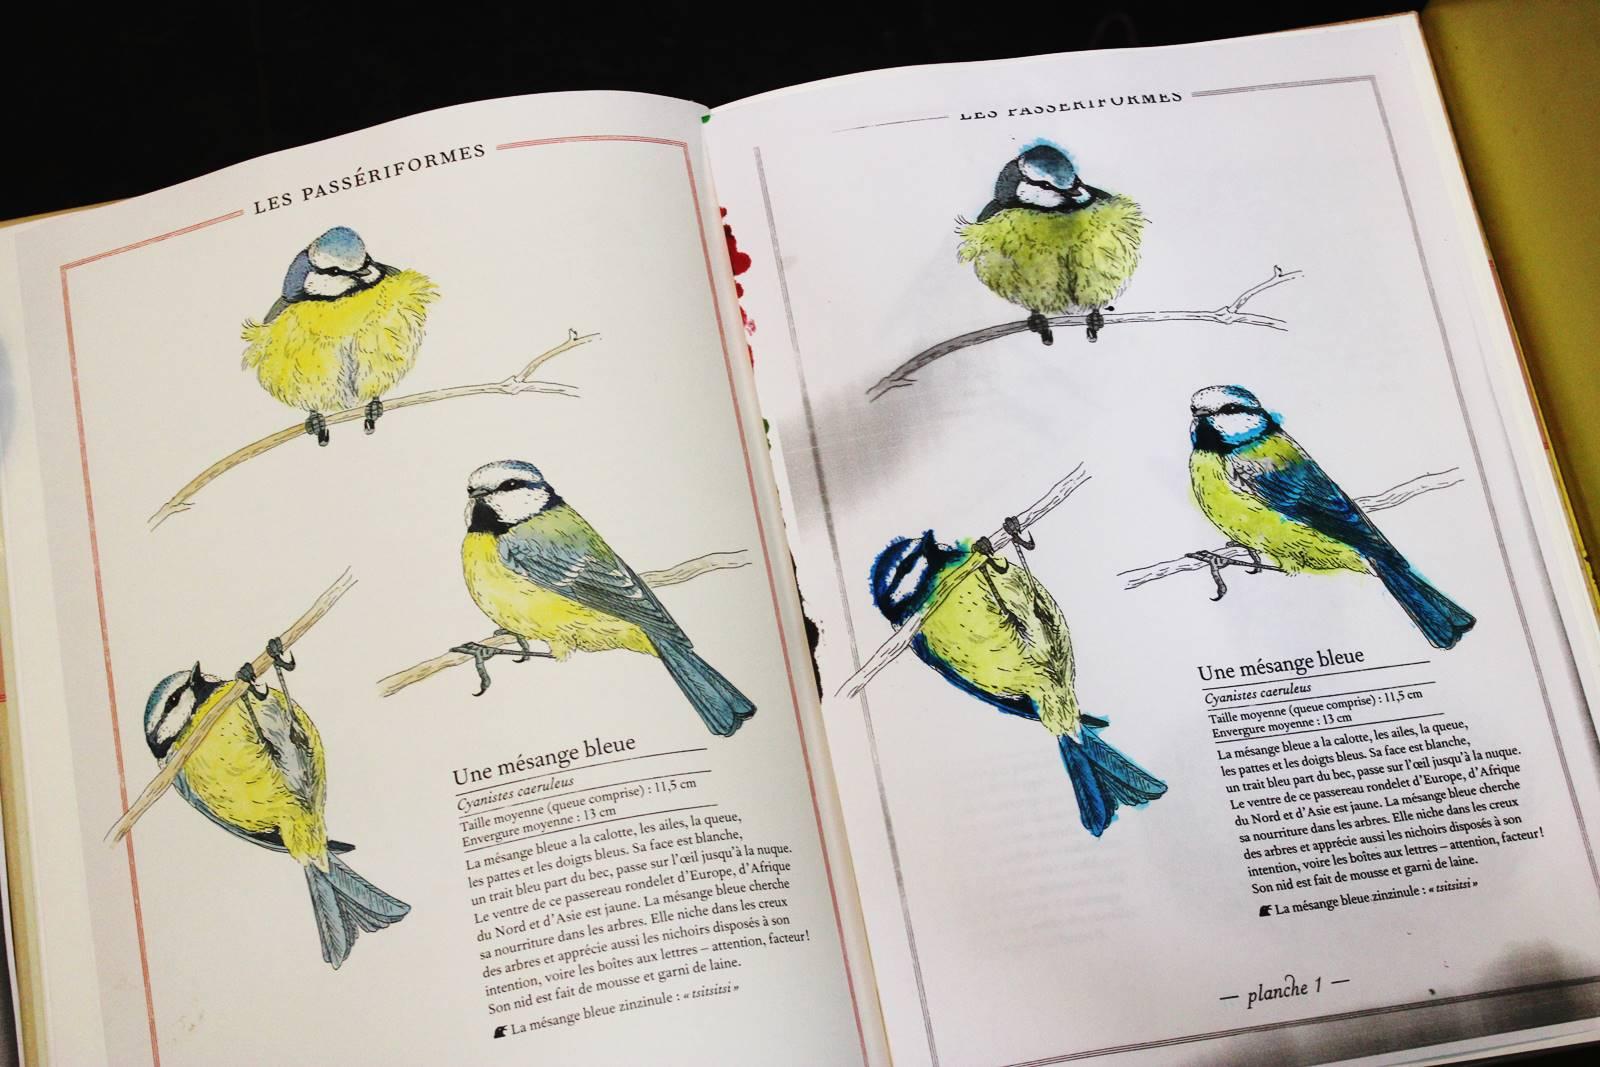 Inventaires oiseaux mesanges 1